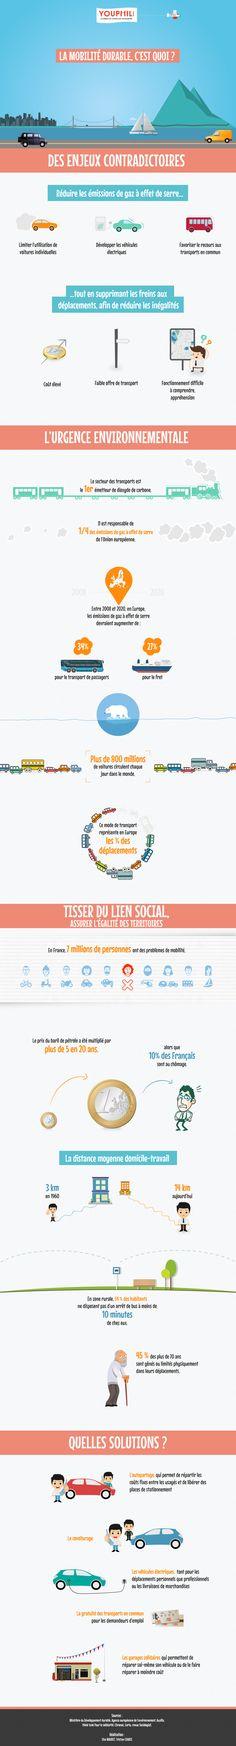 [Infographie] La mobilité durable, YOUPHIL